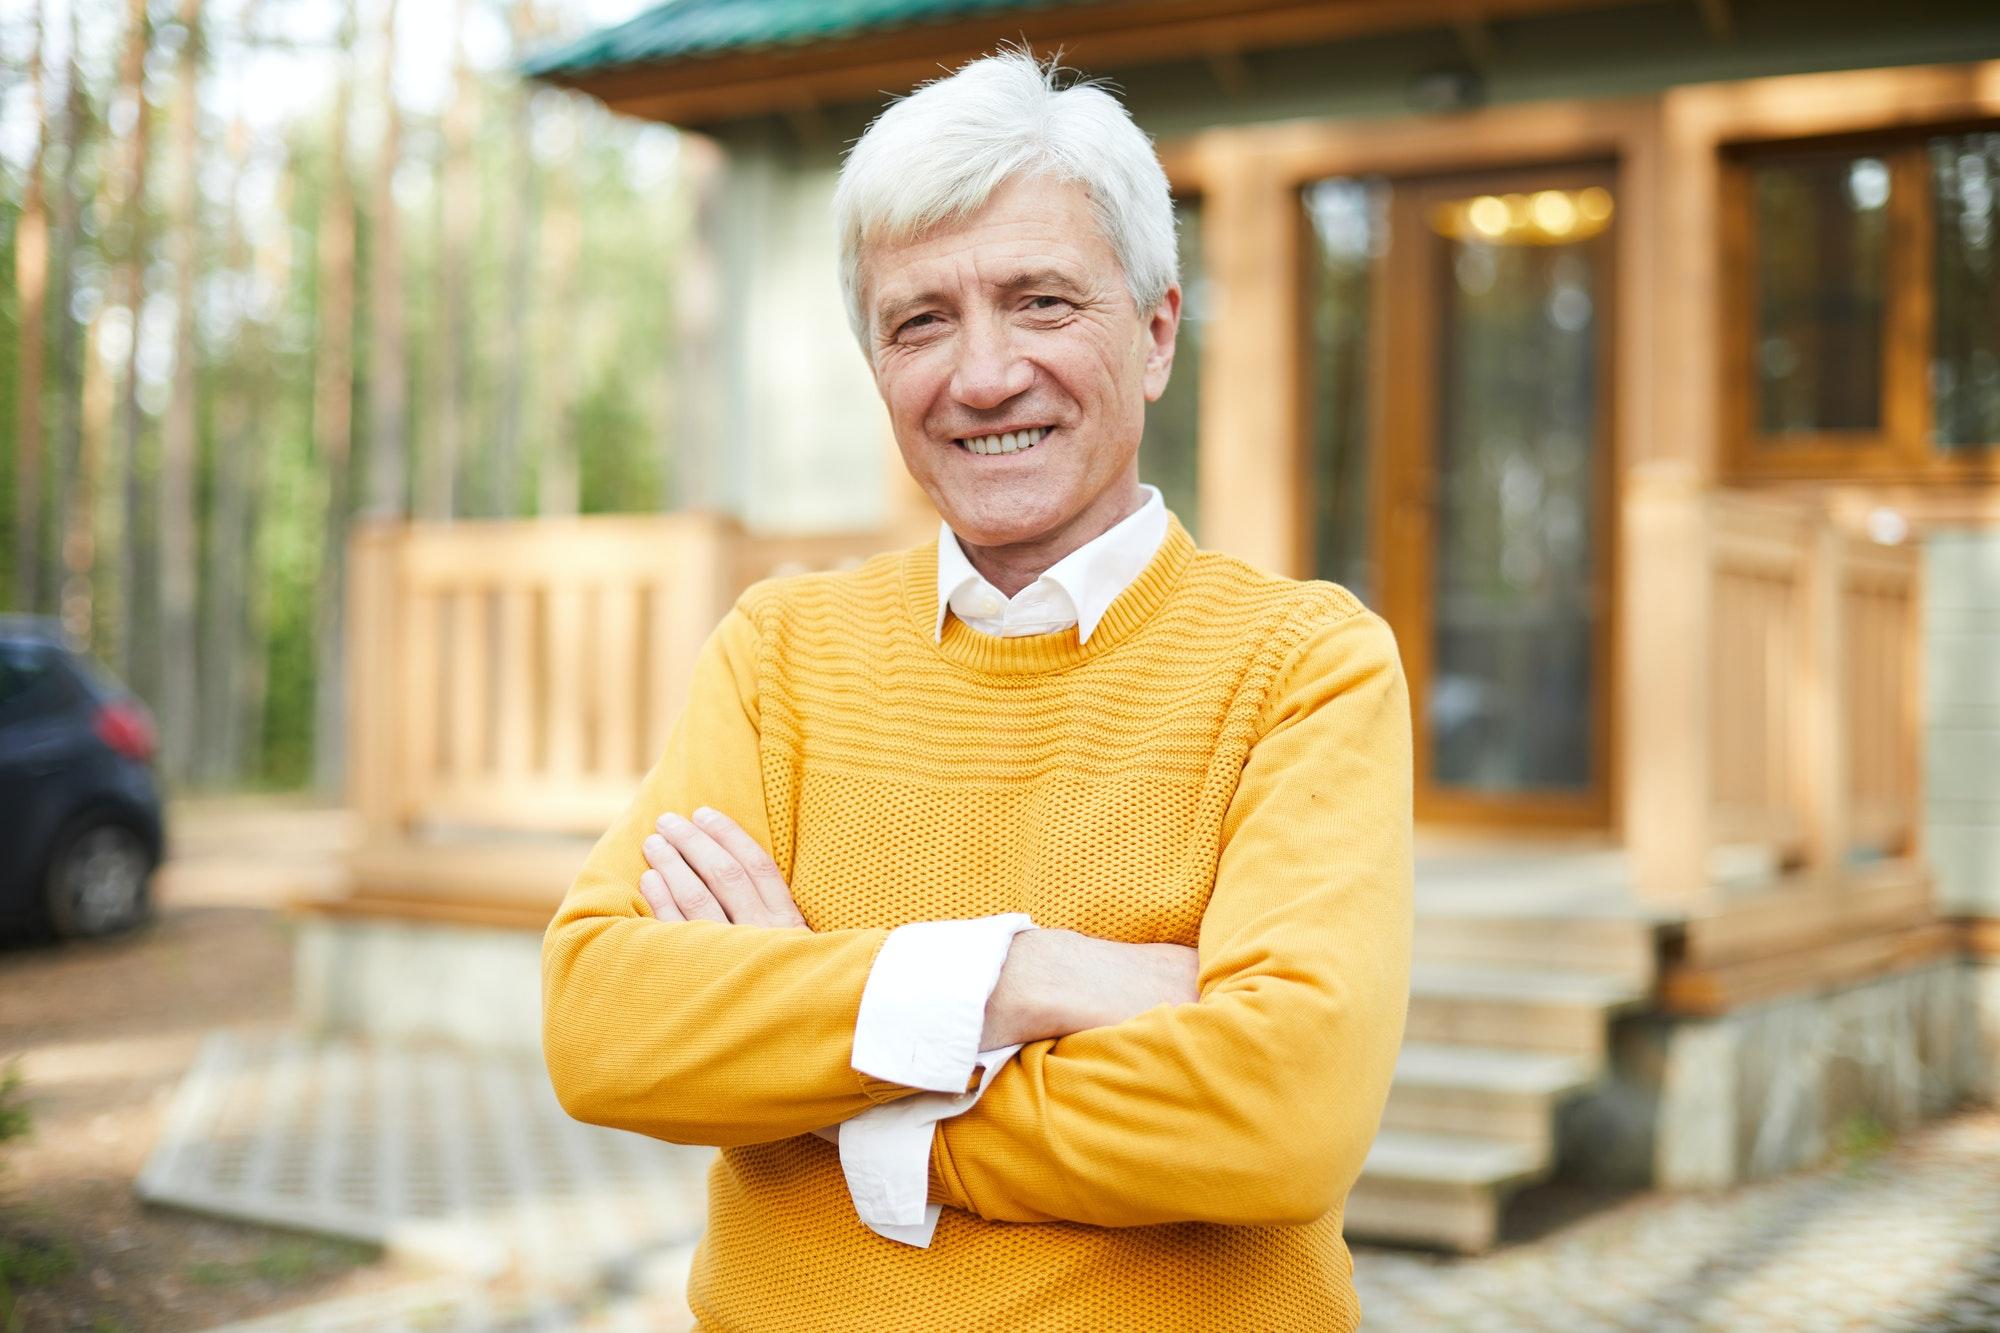 Owner of cottage